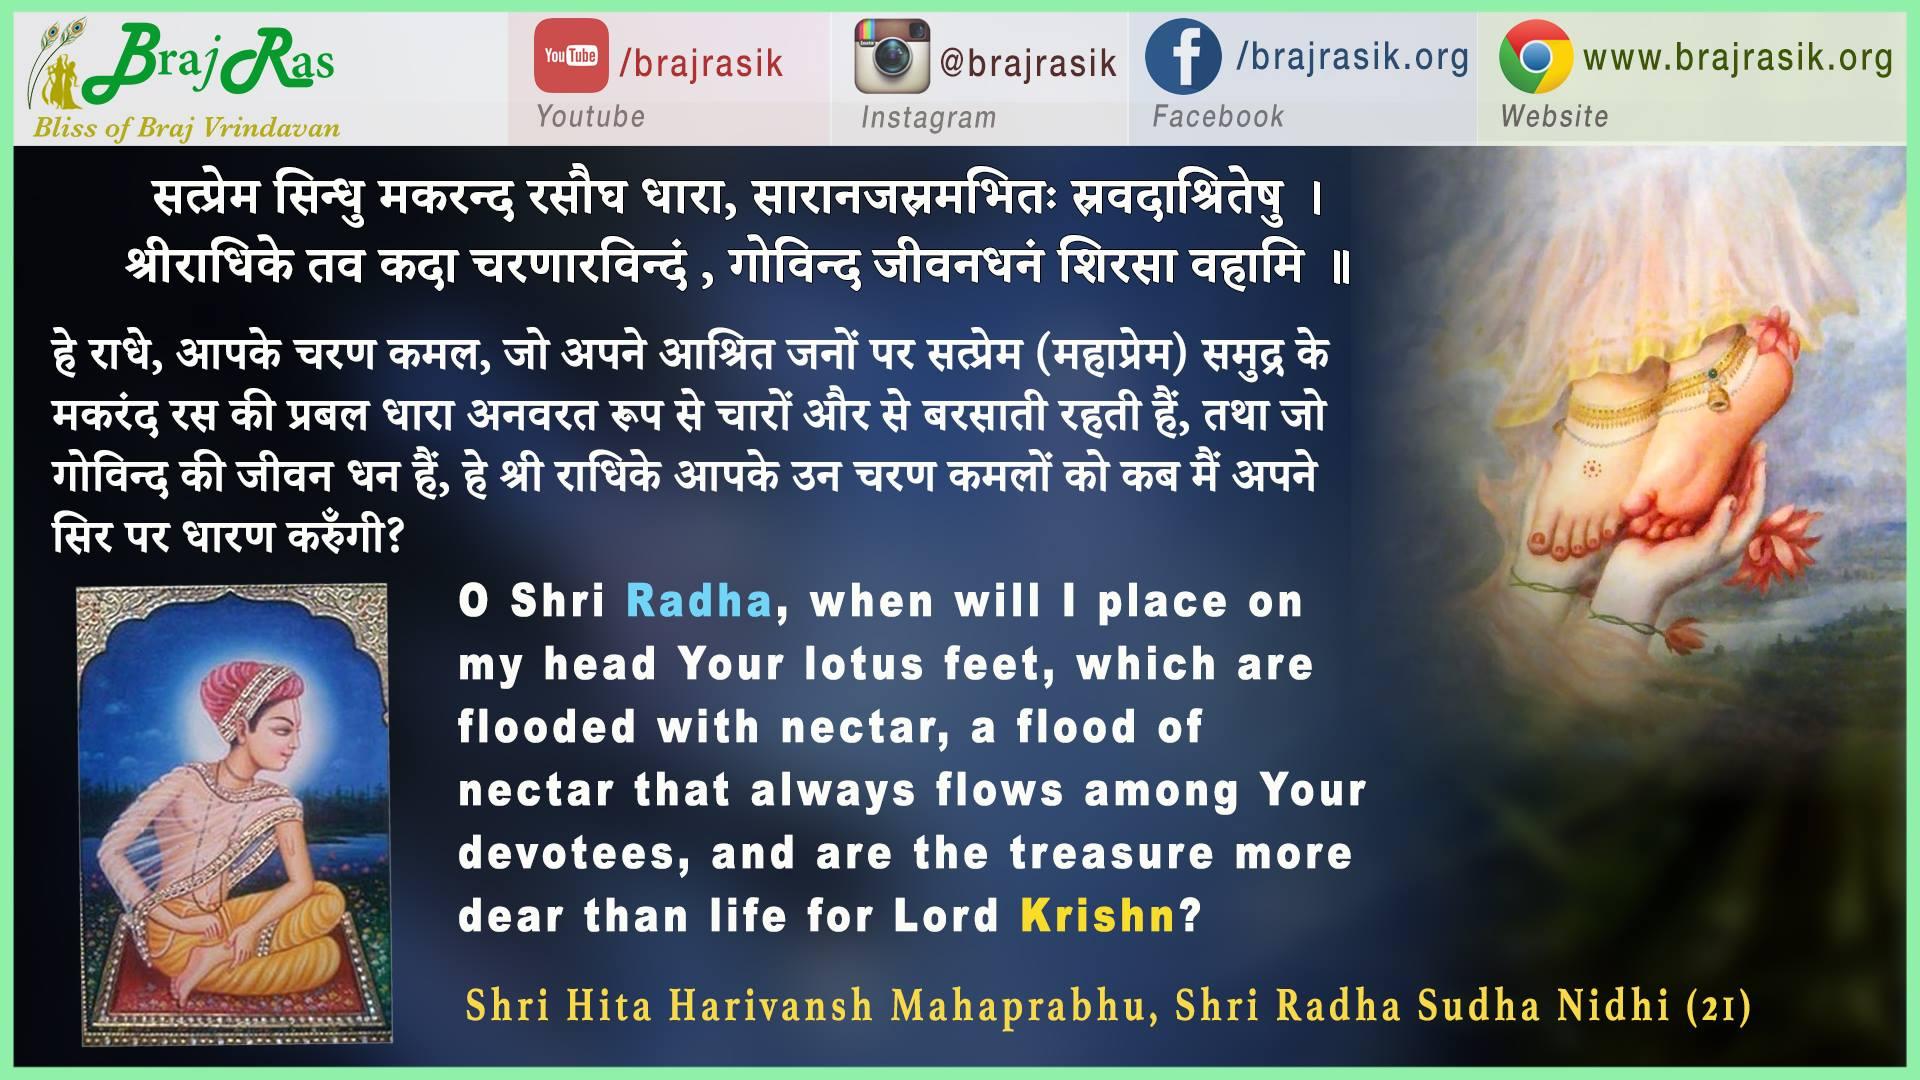 Sat Prema Sindhu Makaranda Rasaugha Dhara - Shri Radha Sudha Nidhi (21)